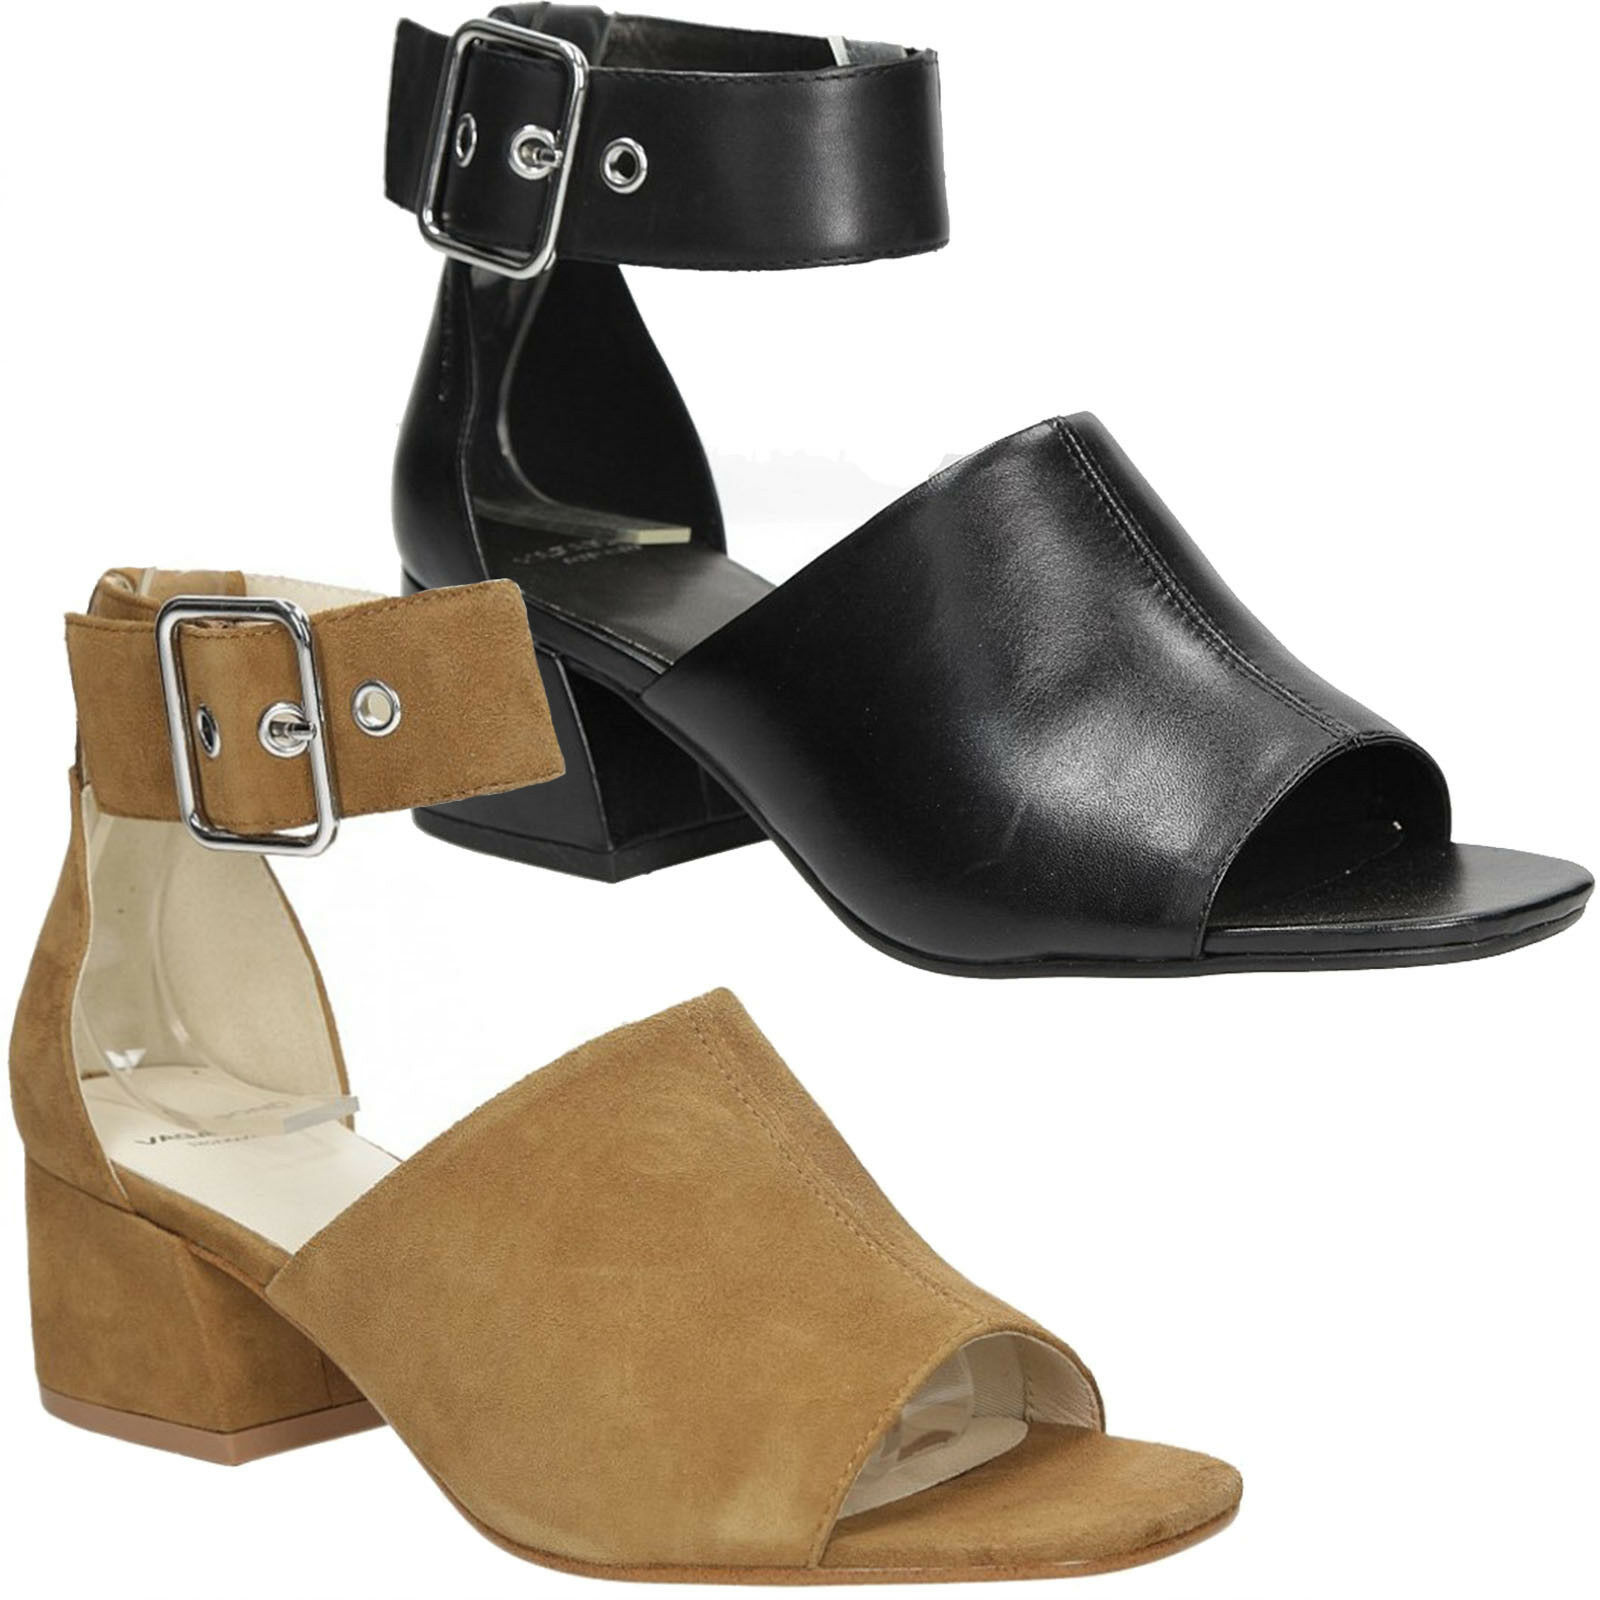 Señora sandalias Vagabond 4335-101 sandalias de cuero genuino a la moda sale